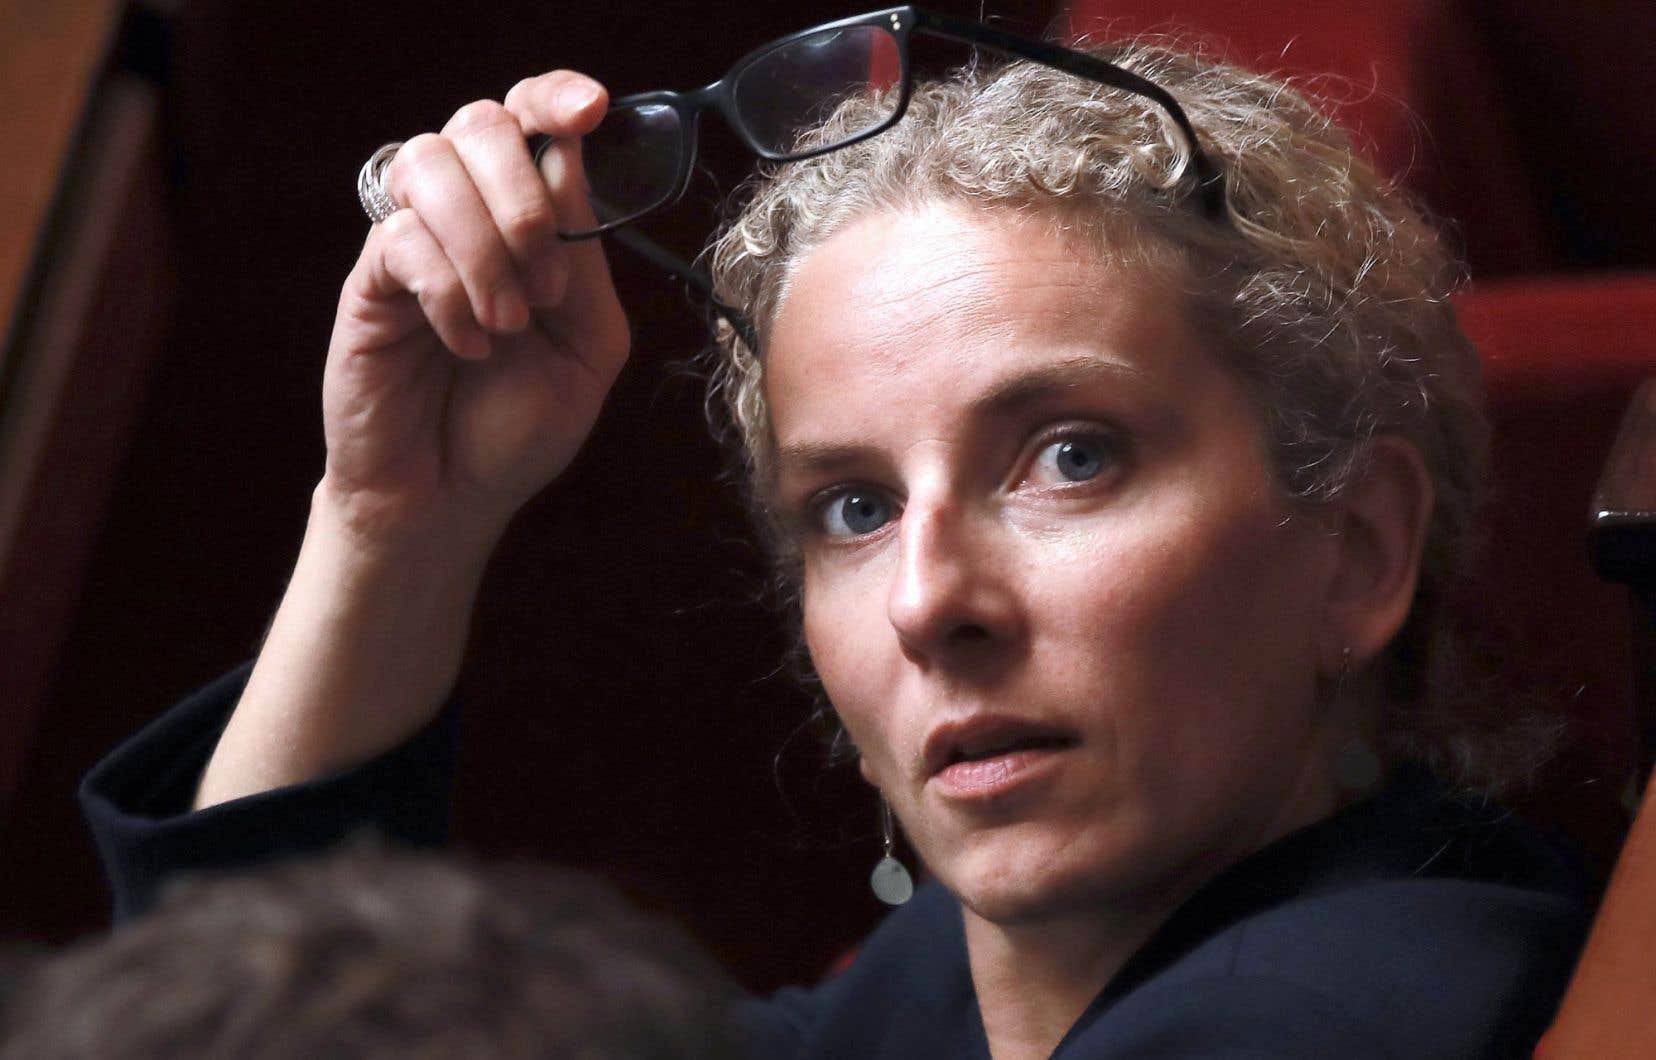 Ministre de l'Écologie dans le gouvernement de François Hollande, Delphine Batho a contribué à faire entrer l'interdiction des pesticides néonicotinoïdes dans la loi française.